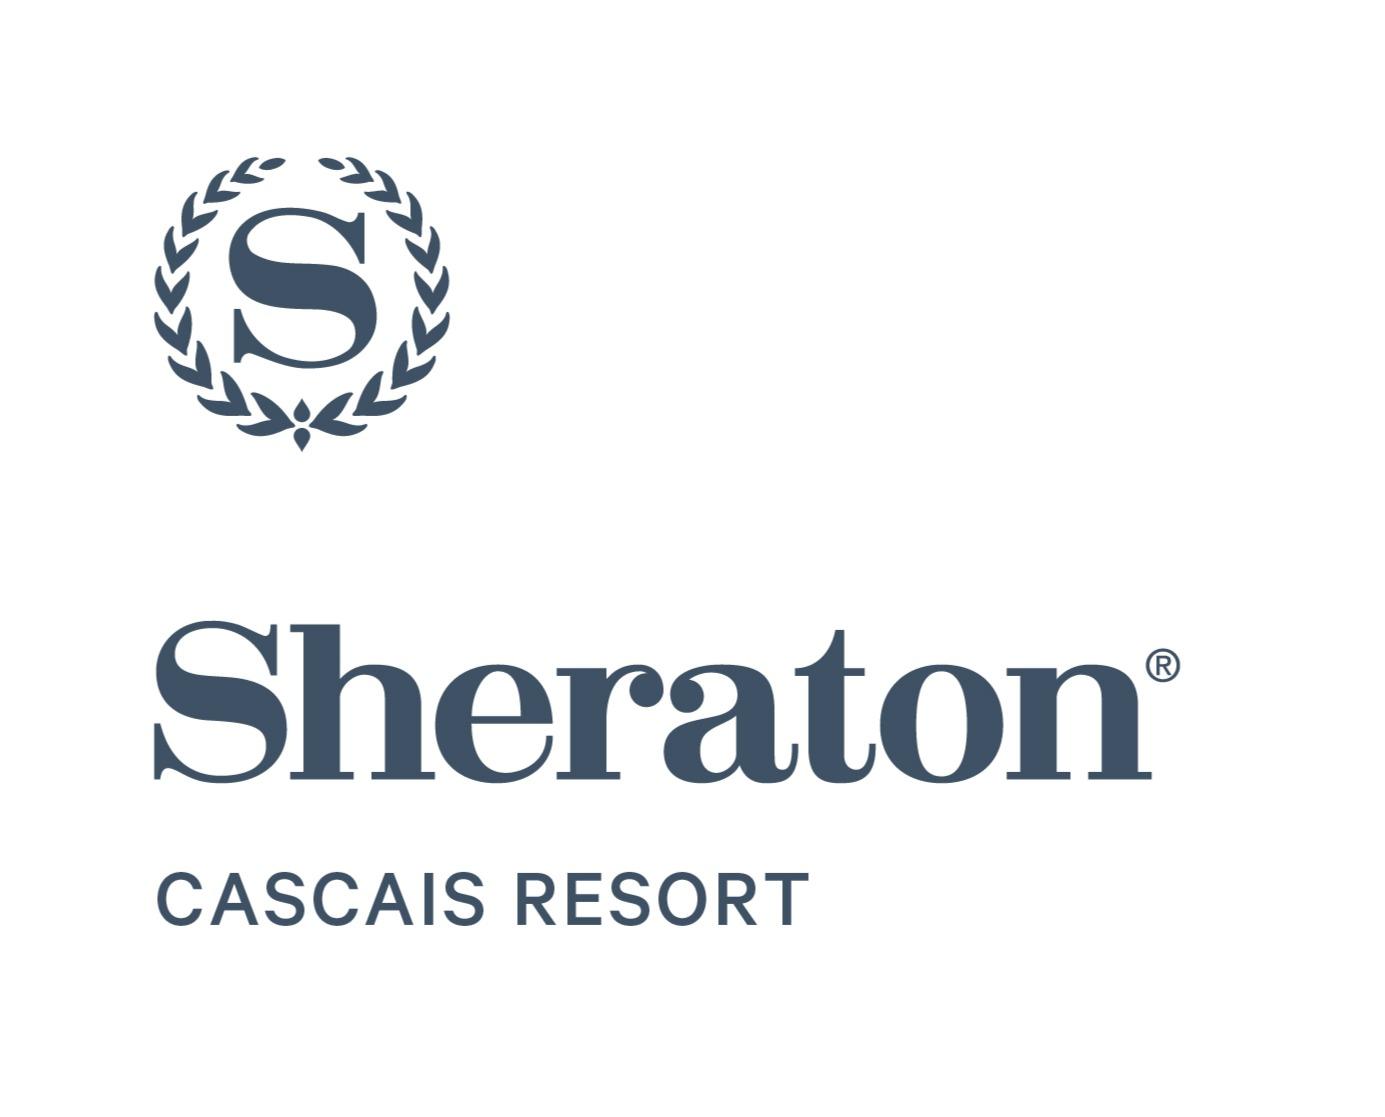 Sheraton_Cascais_Logotipo_01_edited.jpg